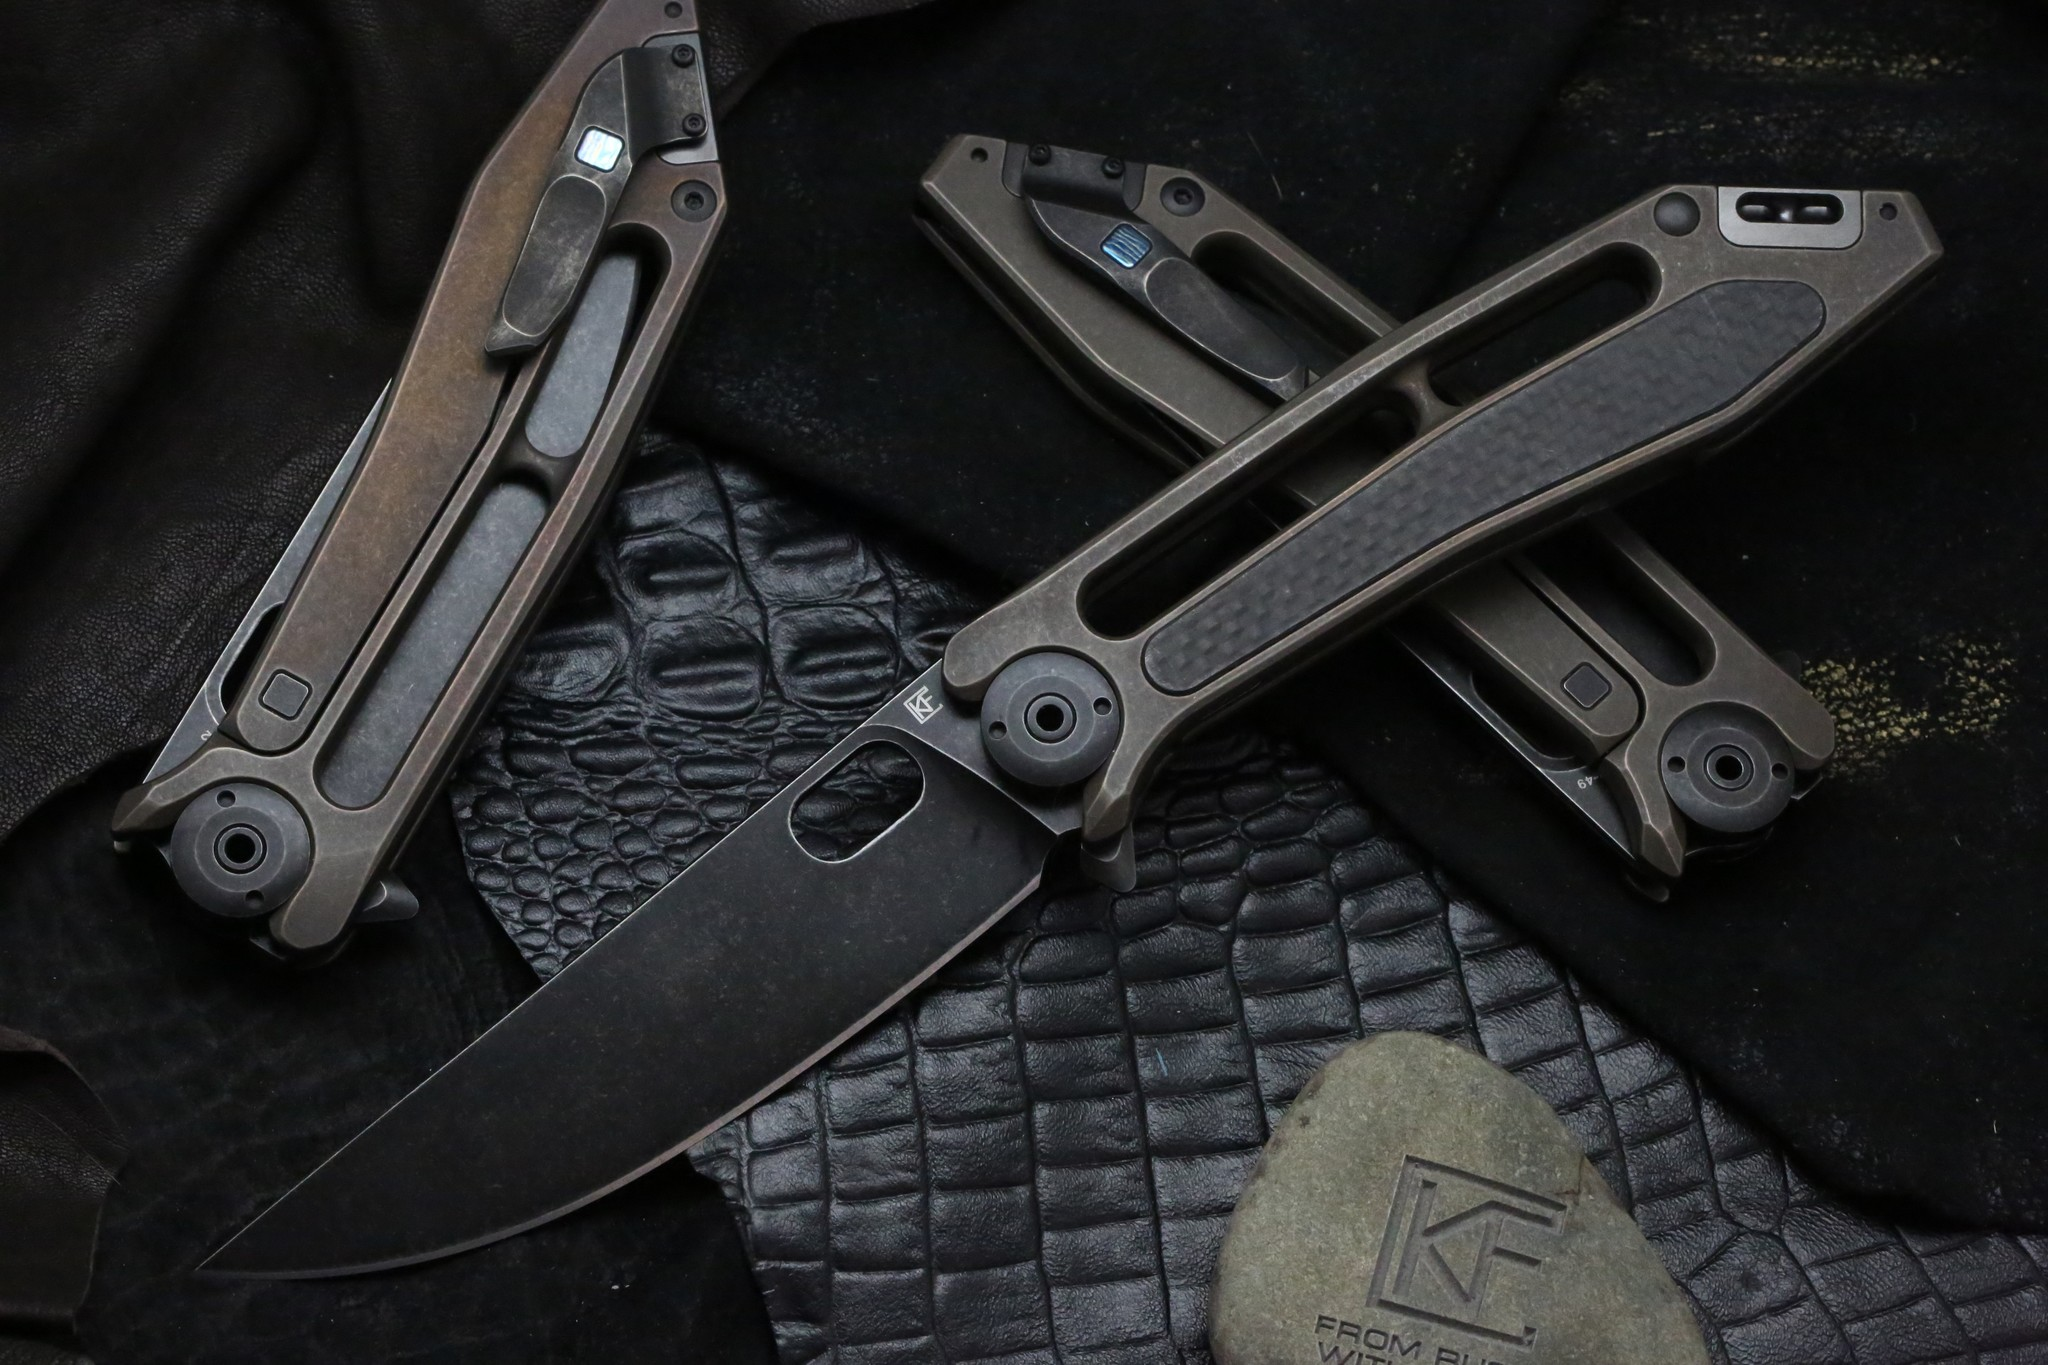 Складной нож CKF Kadat, сталь M390, рукоять Titanium